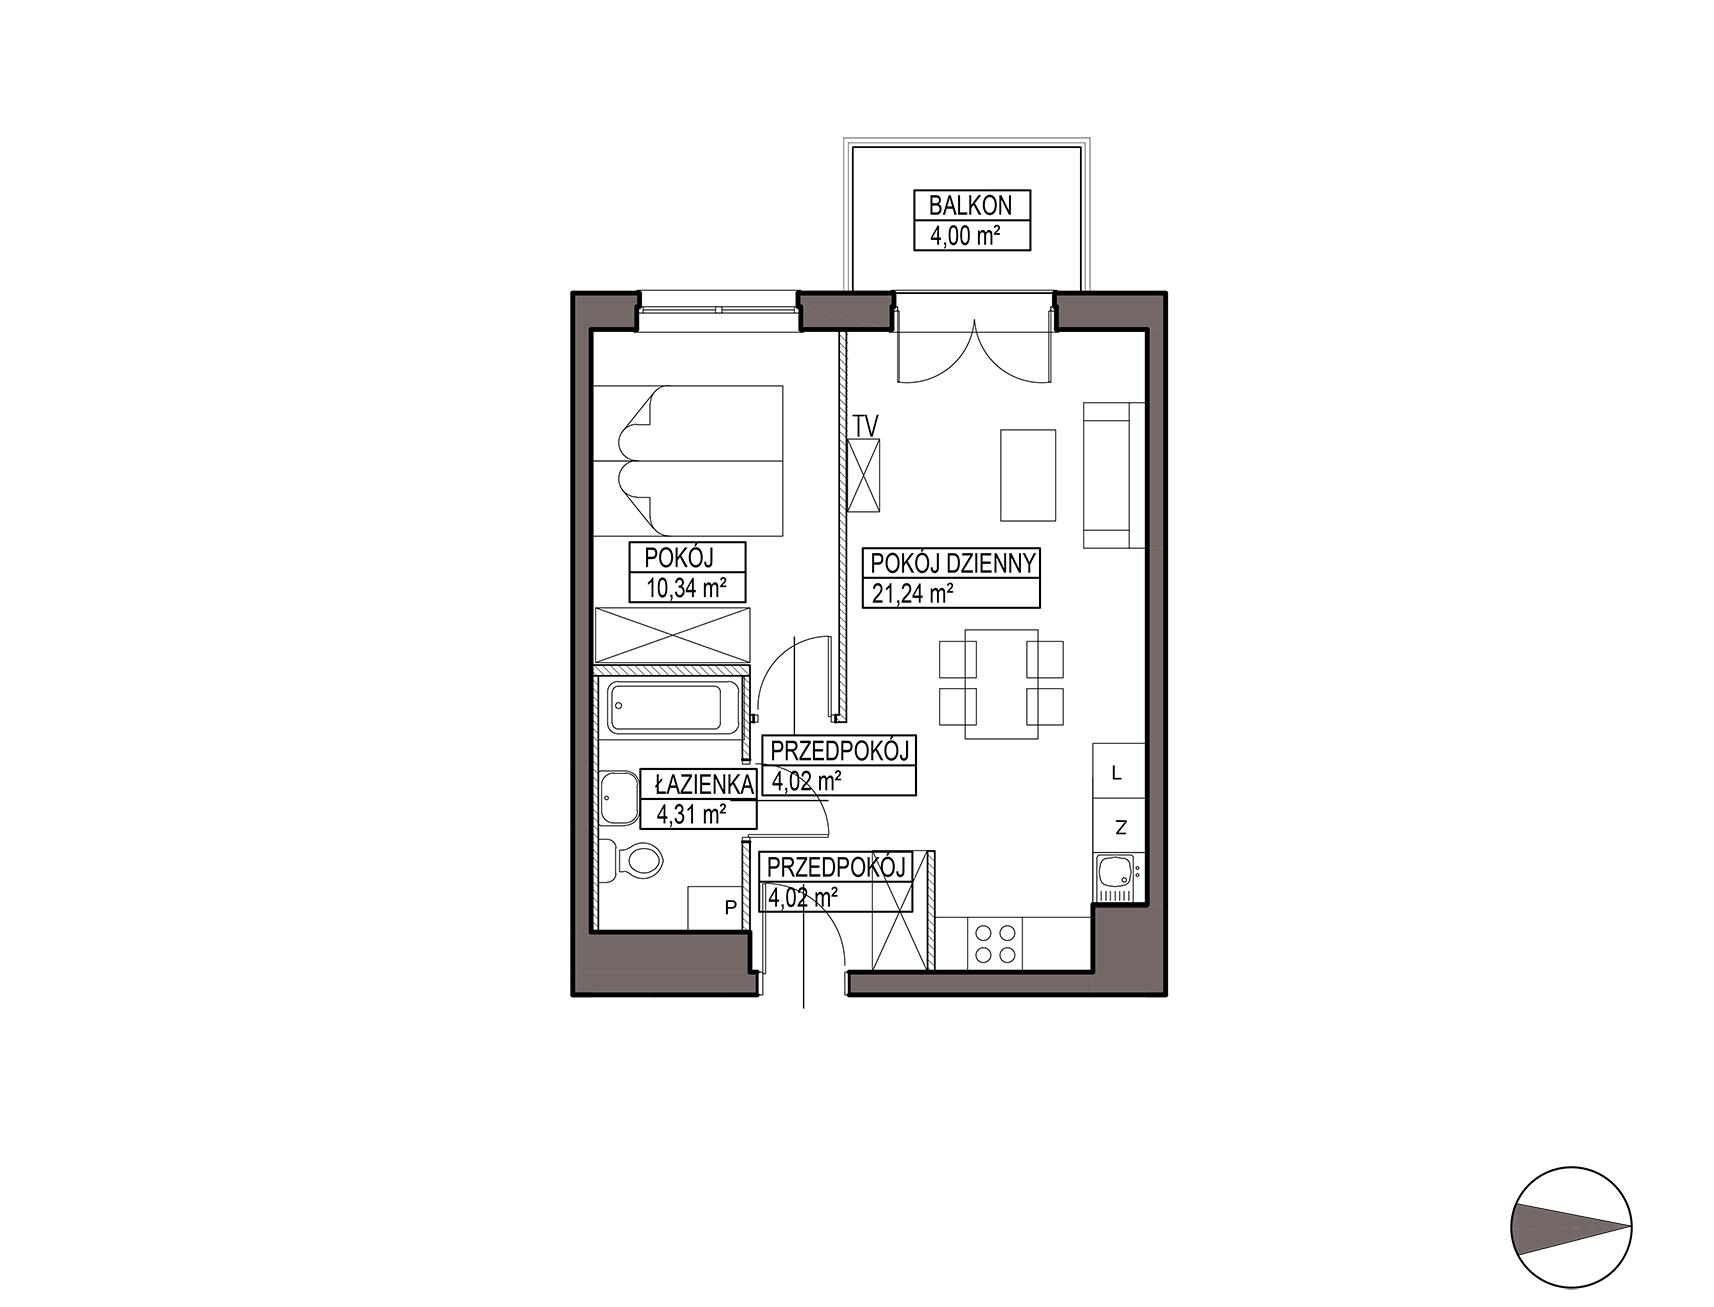 Uroczysko III / budynek 5 / mieszkanie G/2/36 rzut 1